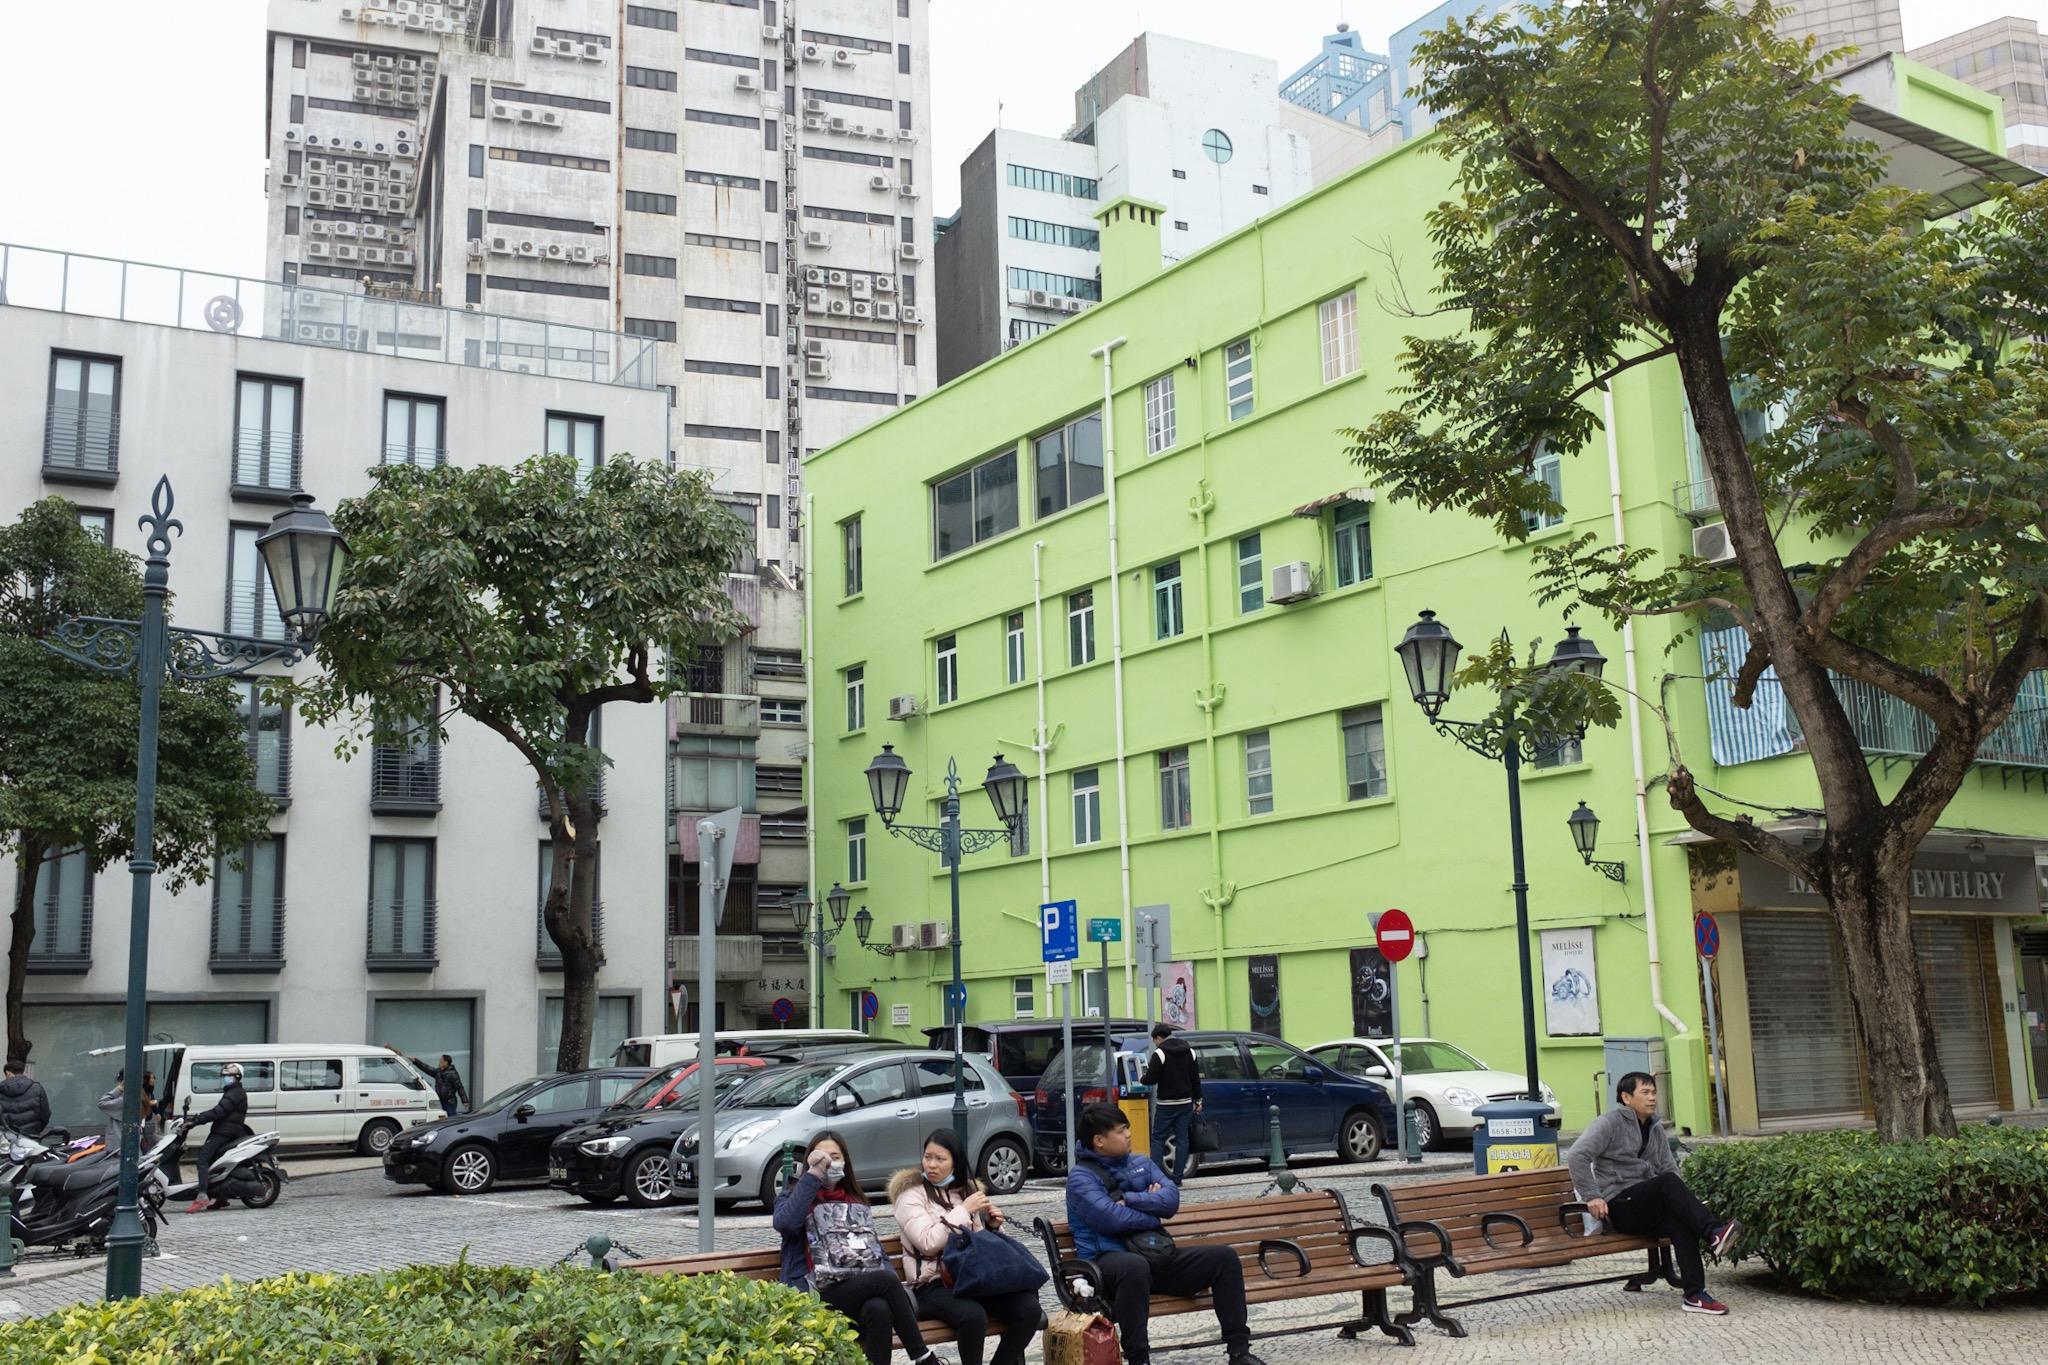 颜色鲜明的建筑